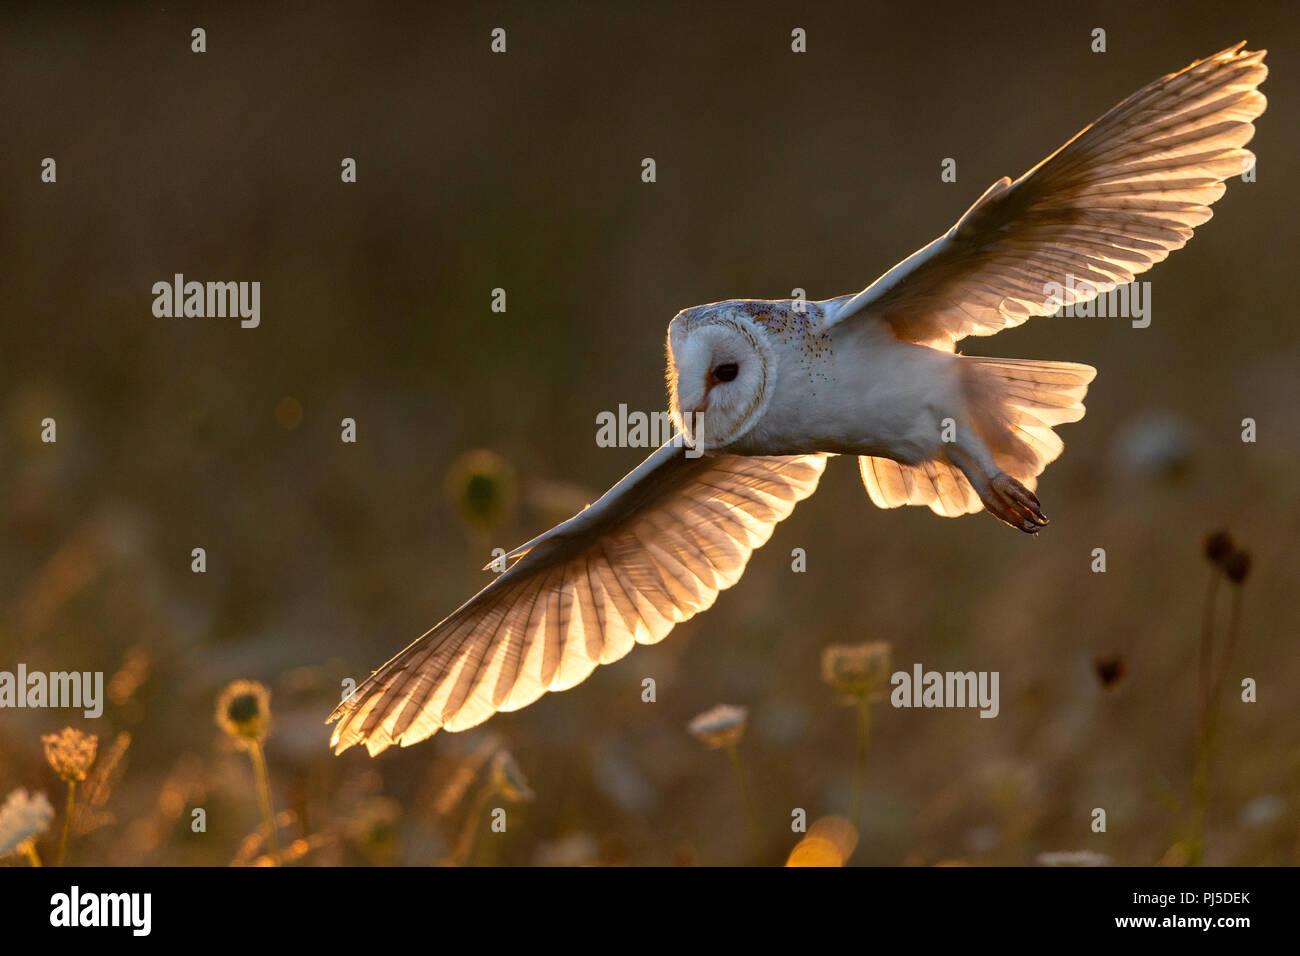 Chouette effraie en vol en début de soirée rétro-éclairé du soleil Photo Stock